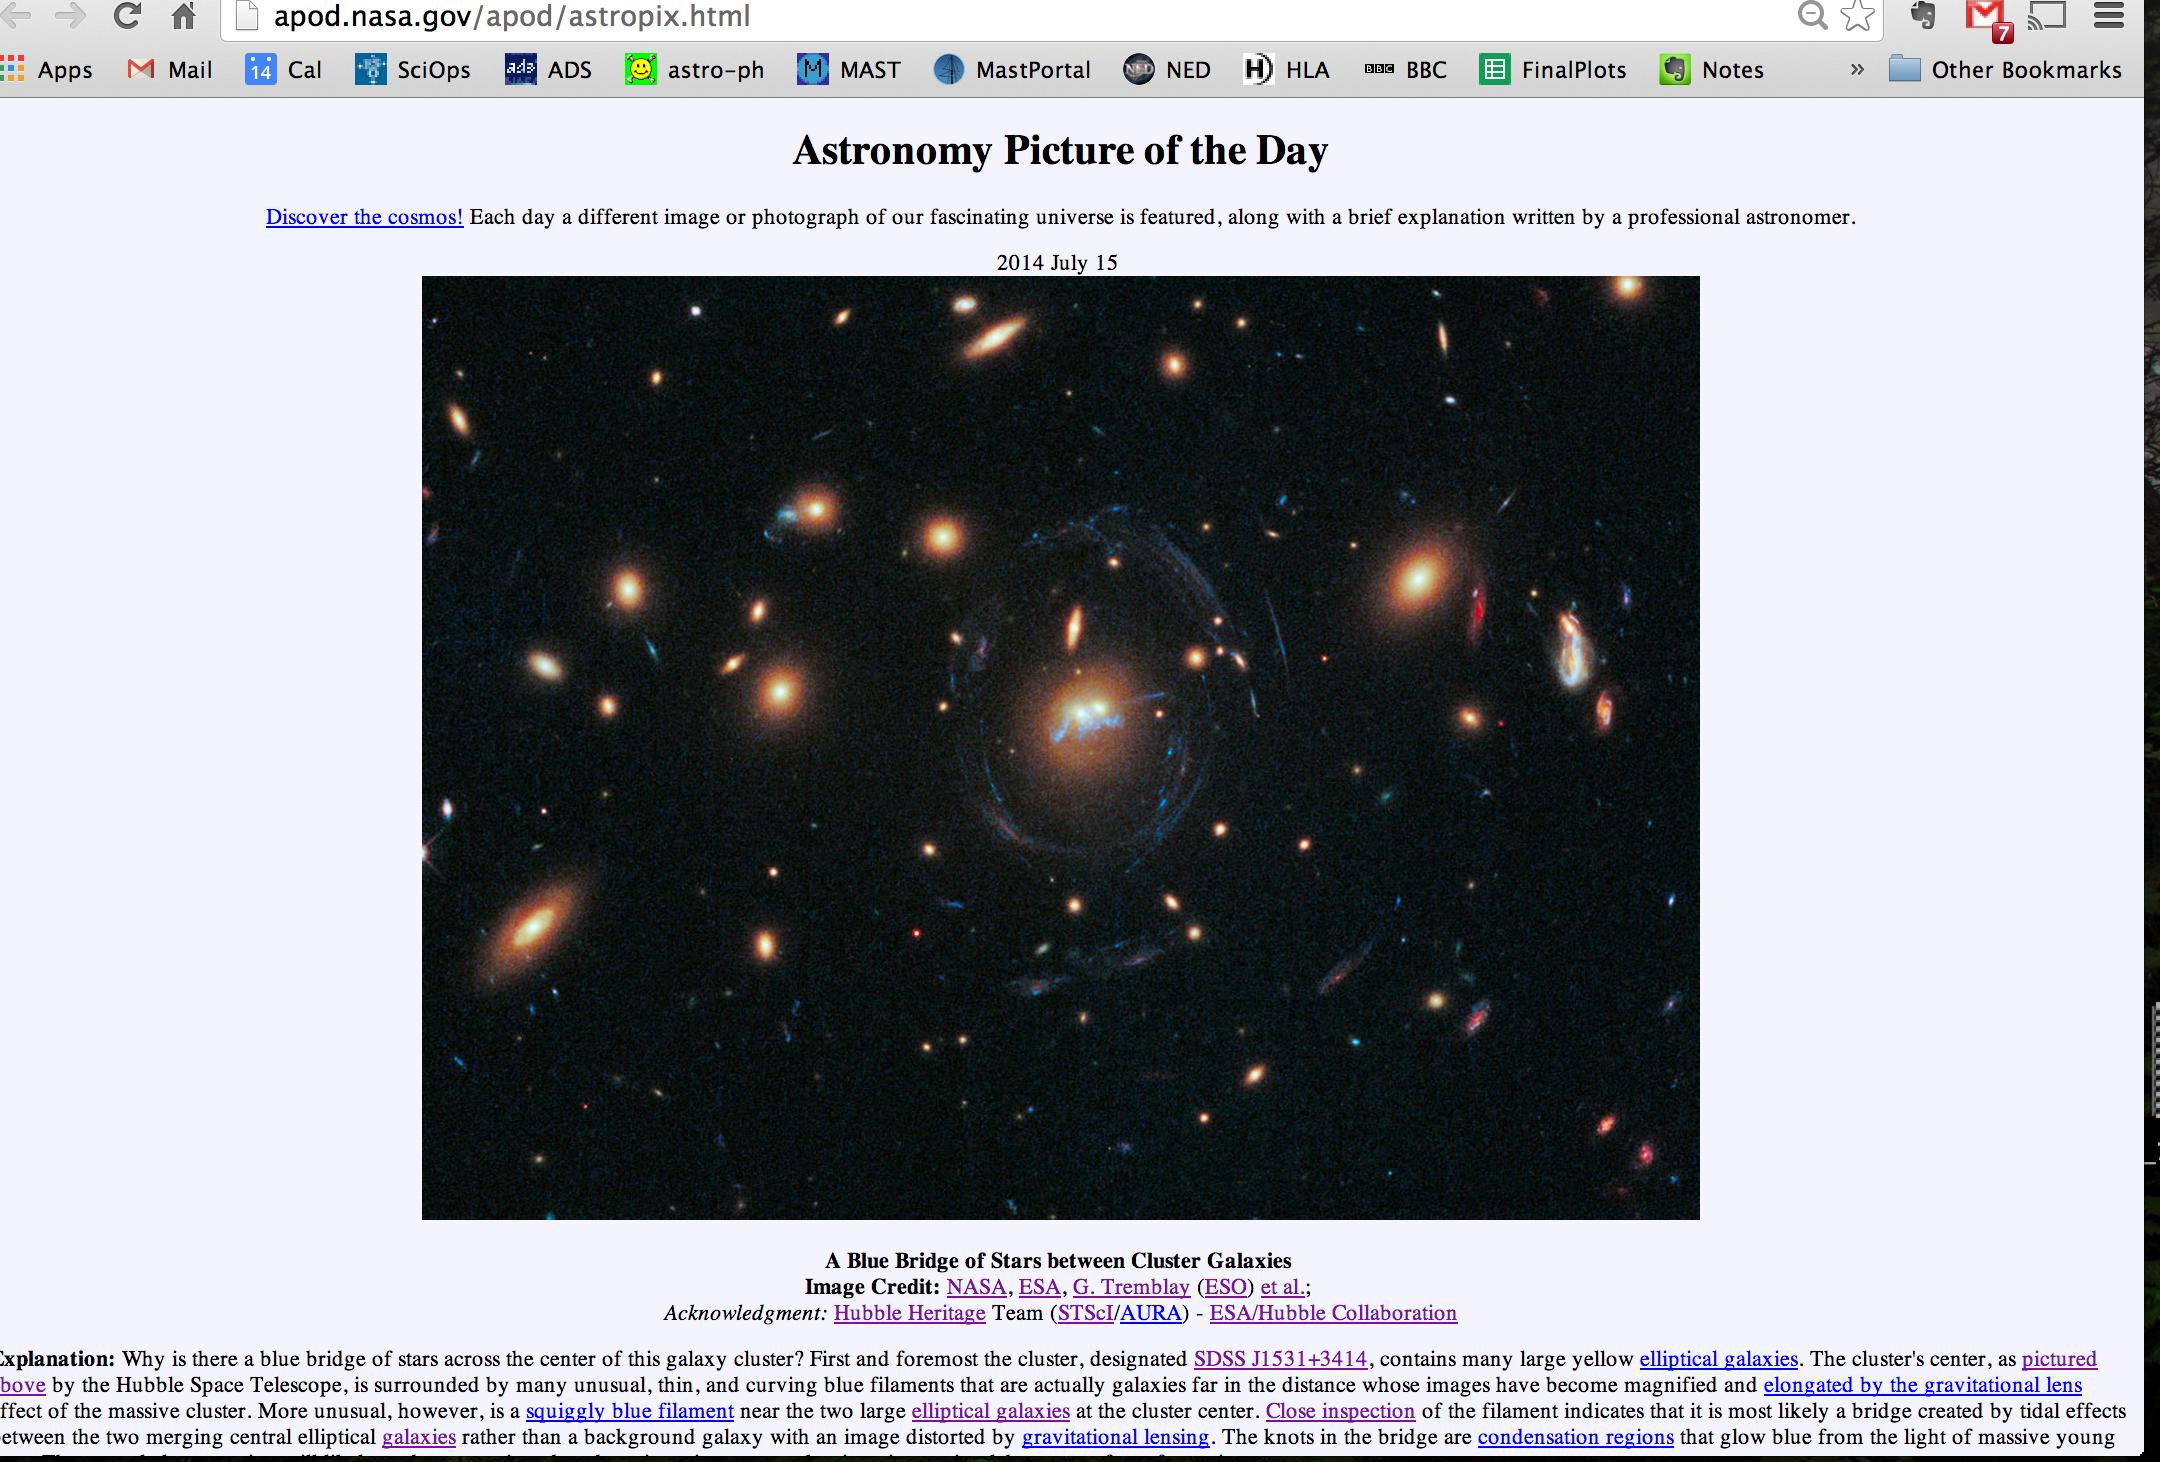 Screen Shot 2014-07-15 at 9.01.18 AM.png